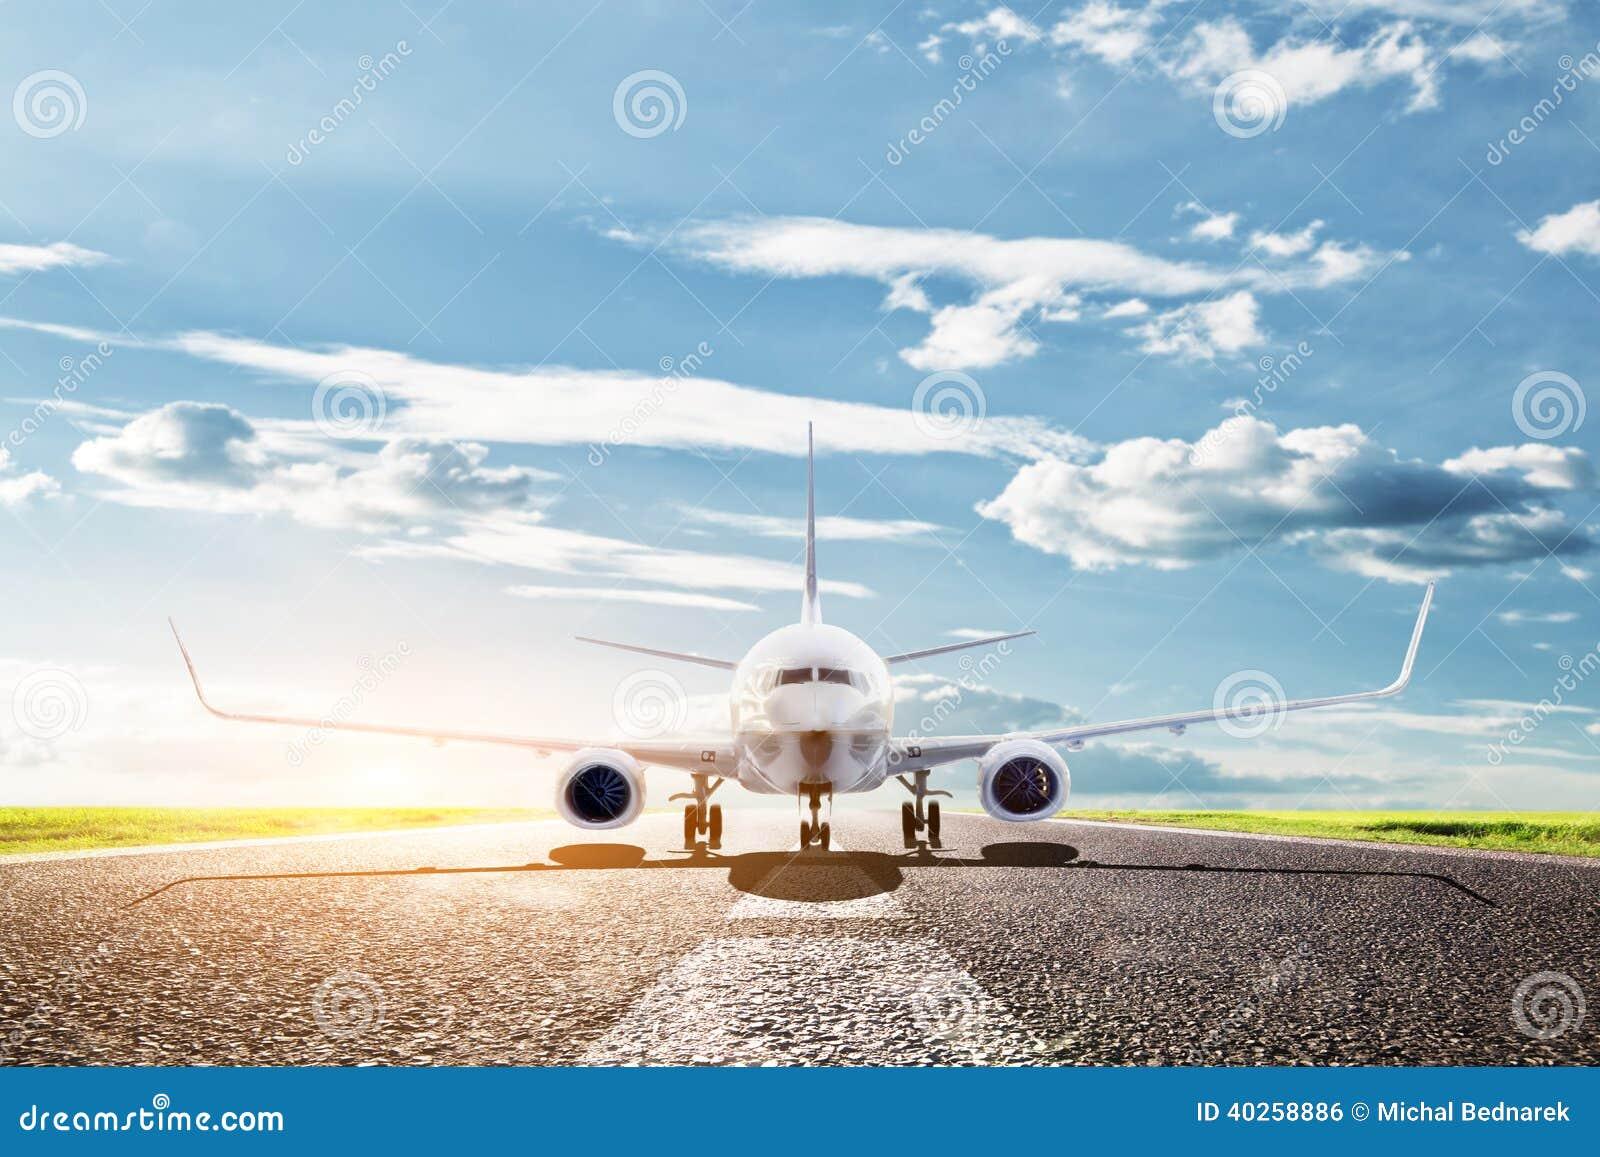 Flugzeug bereit sich zu entfernen. Passagierflugzeuge, Fluglinie. Transport, Reise